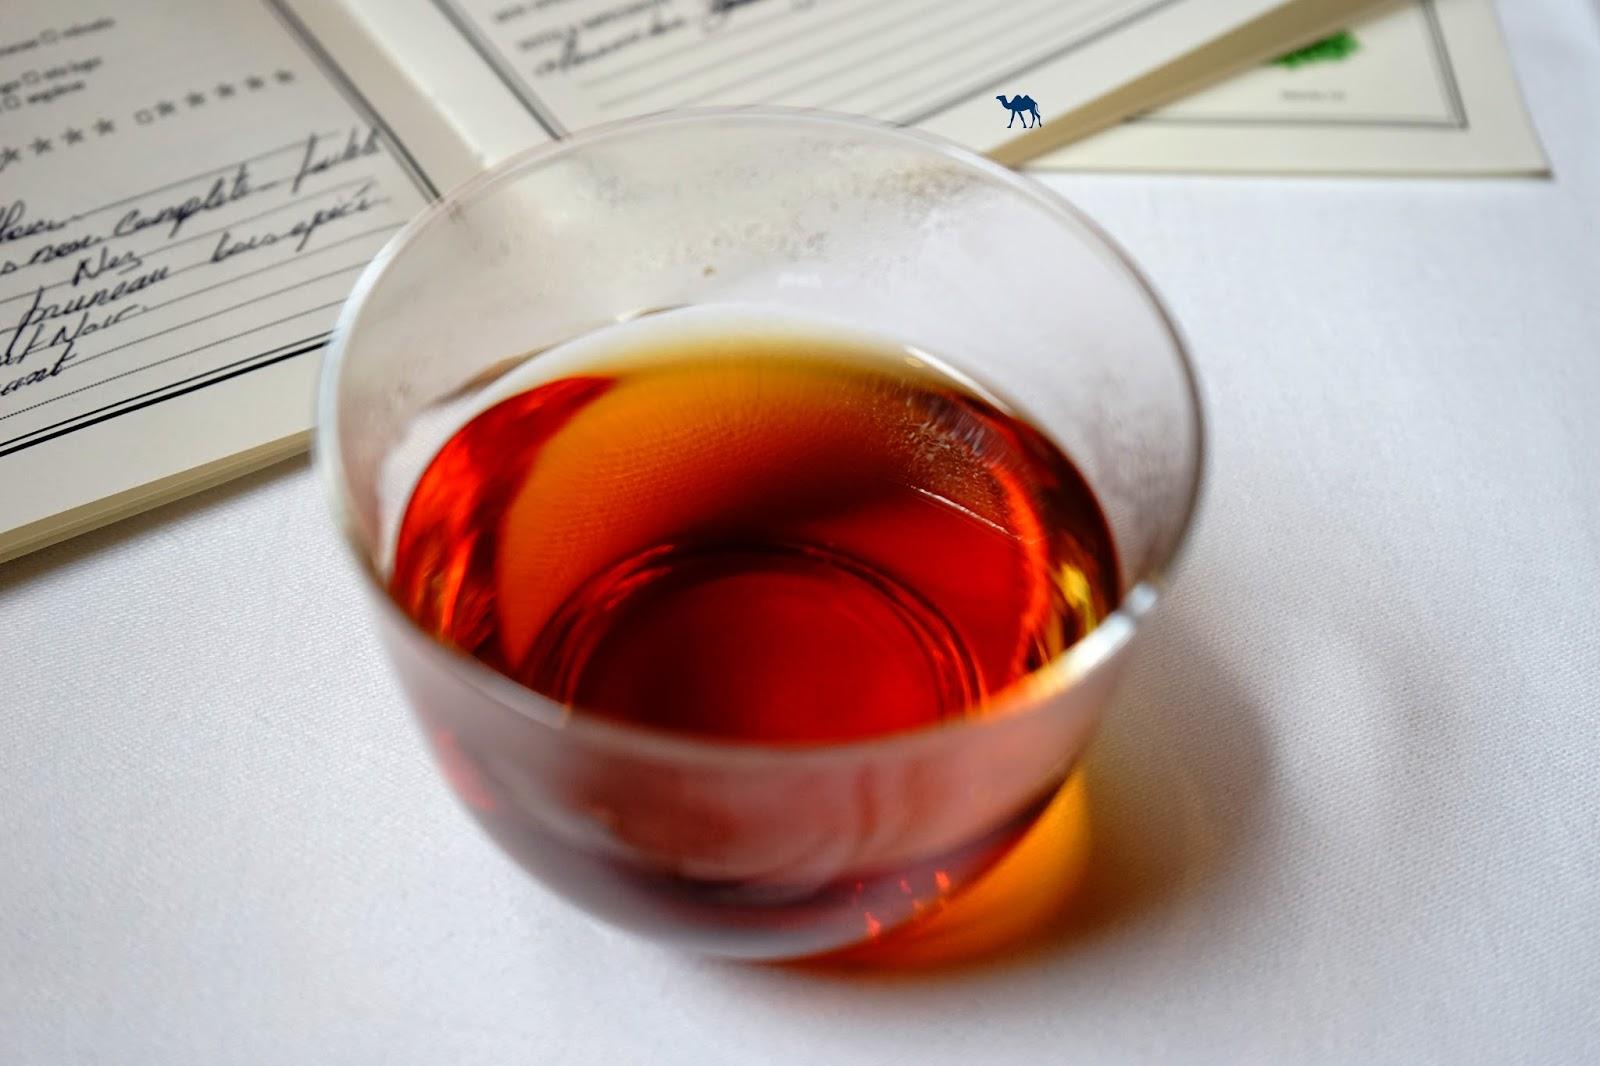 Le Chameau Bleu - Initiation et dégustation de thé Mariage Frère Paris tea House